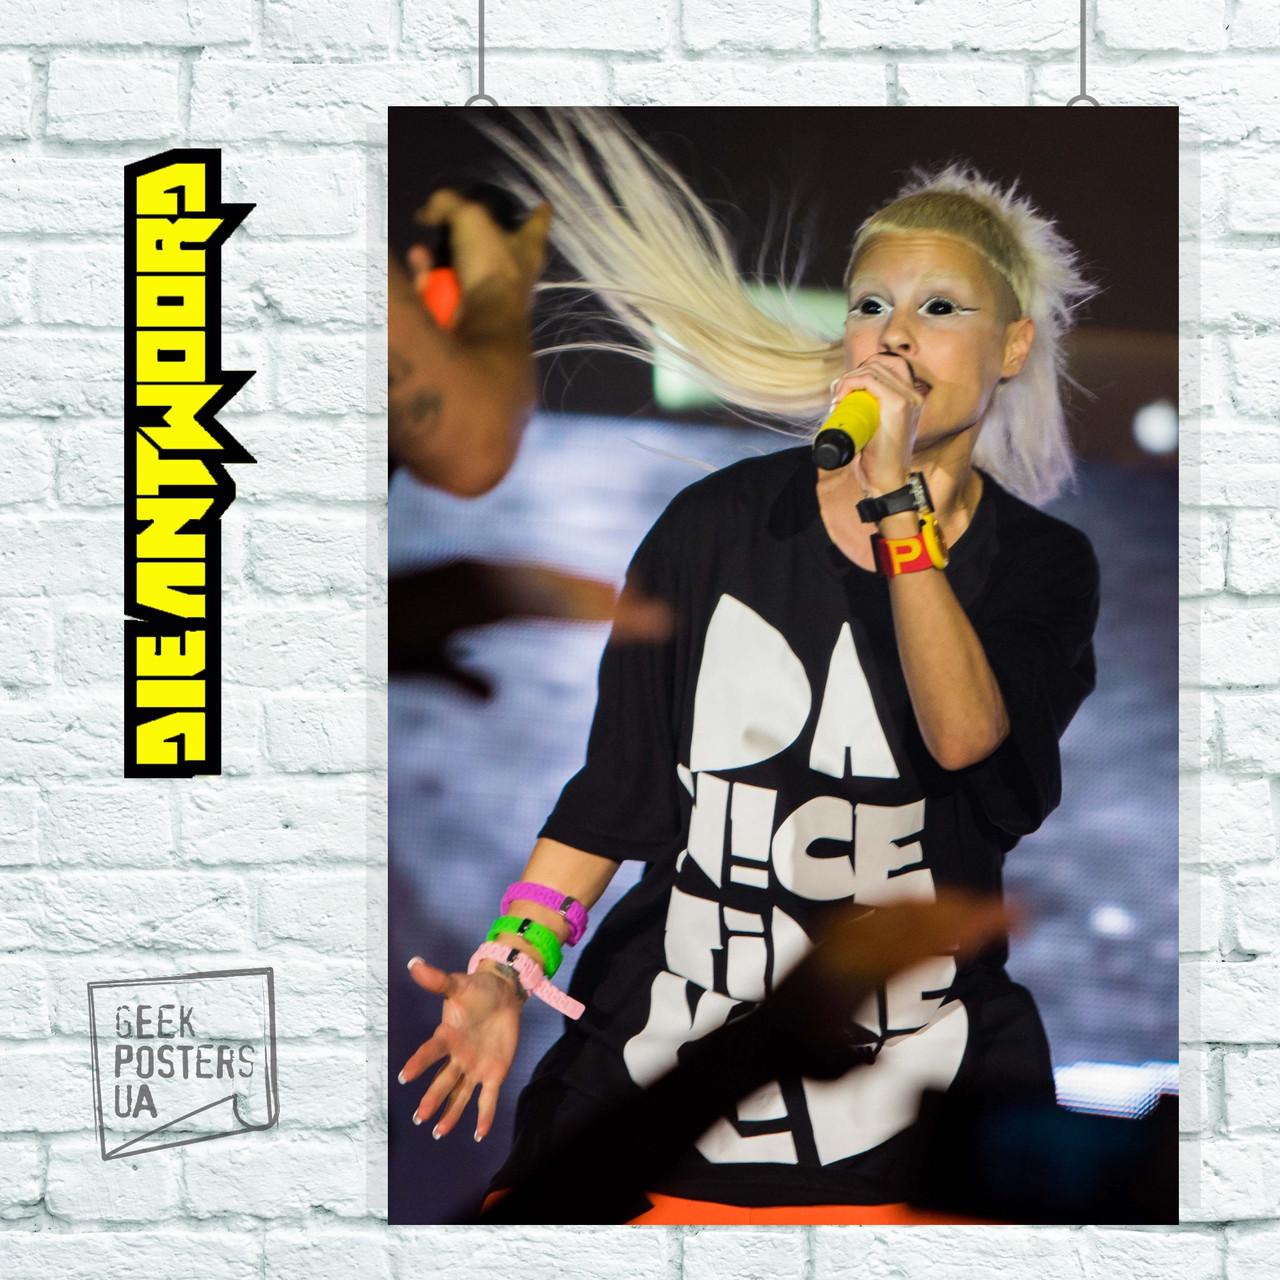 Постер Die Antwoord, Йоланди на сцене. Размер 60x42см (A2). Глянцевая бумага